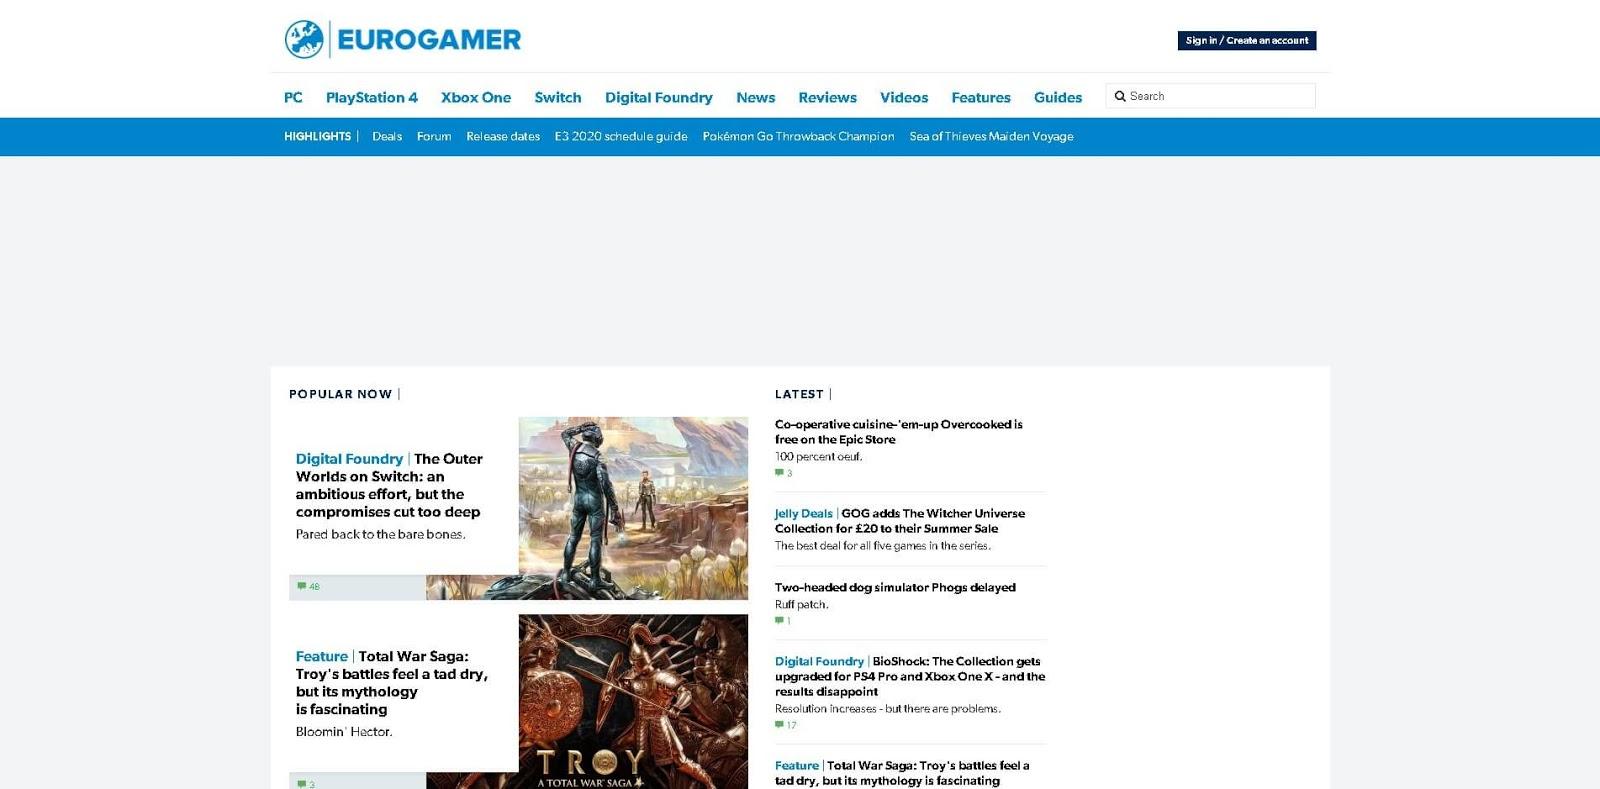 luchshie-igrovye-blogi-eurogamer